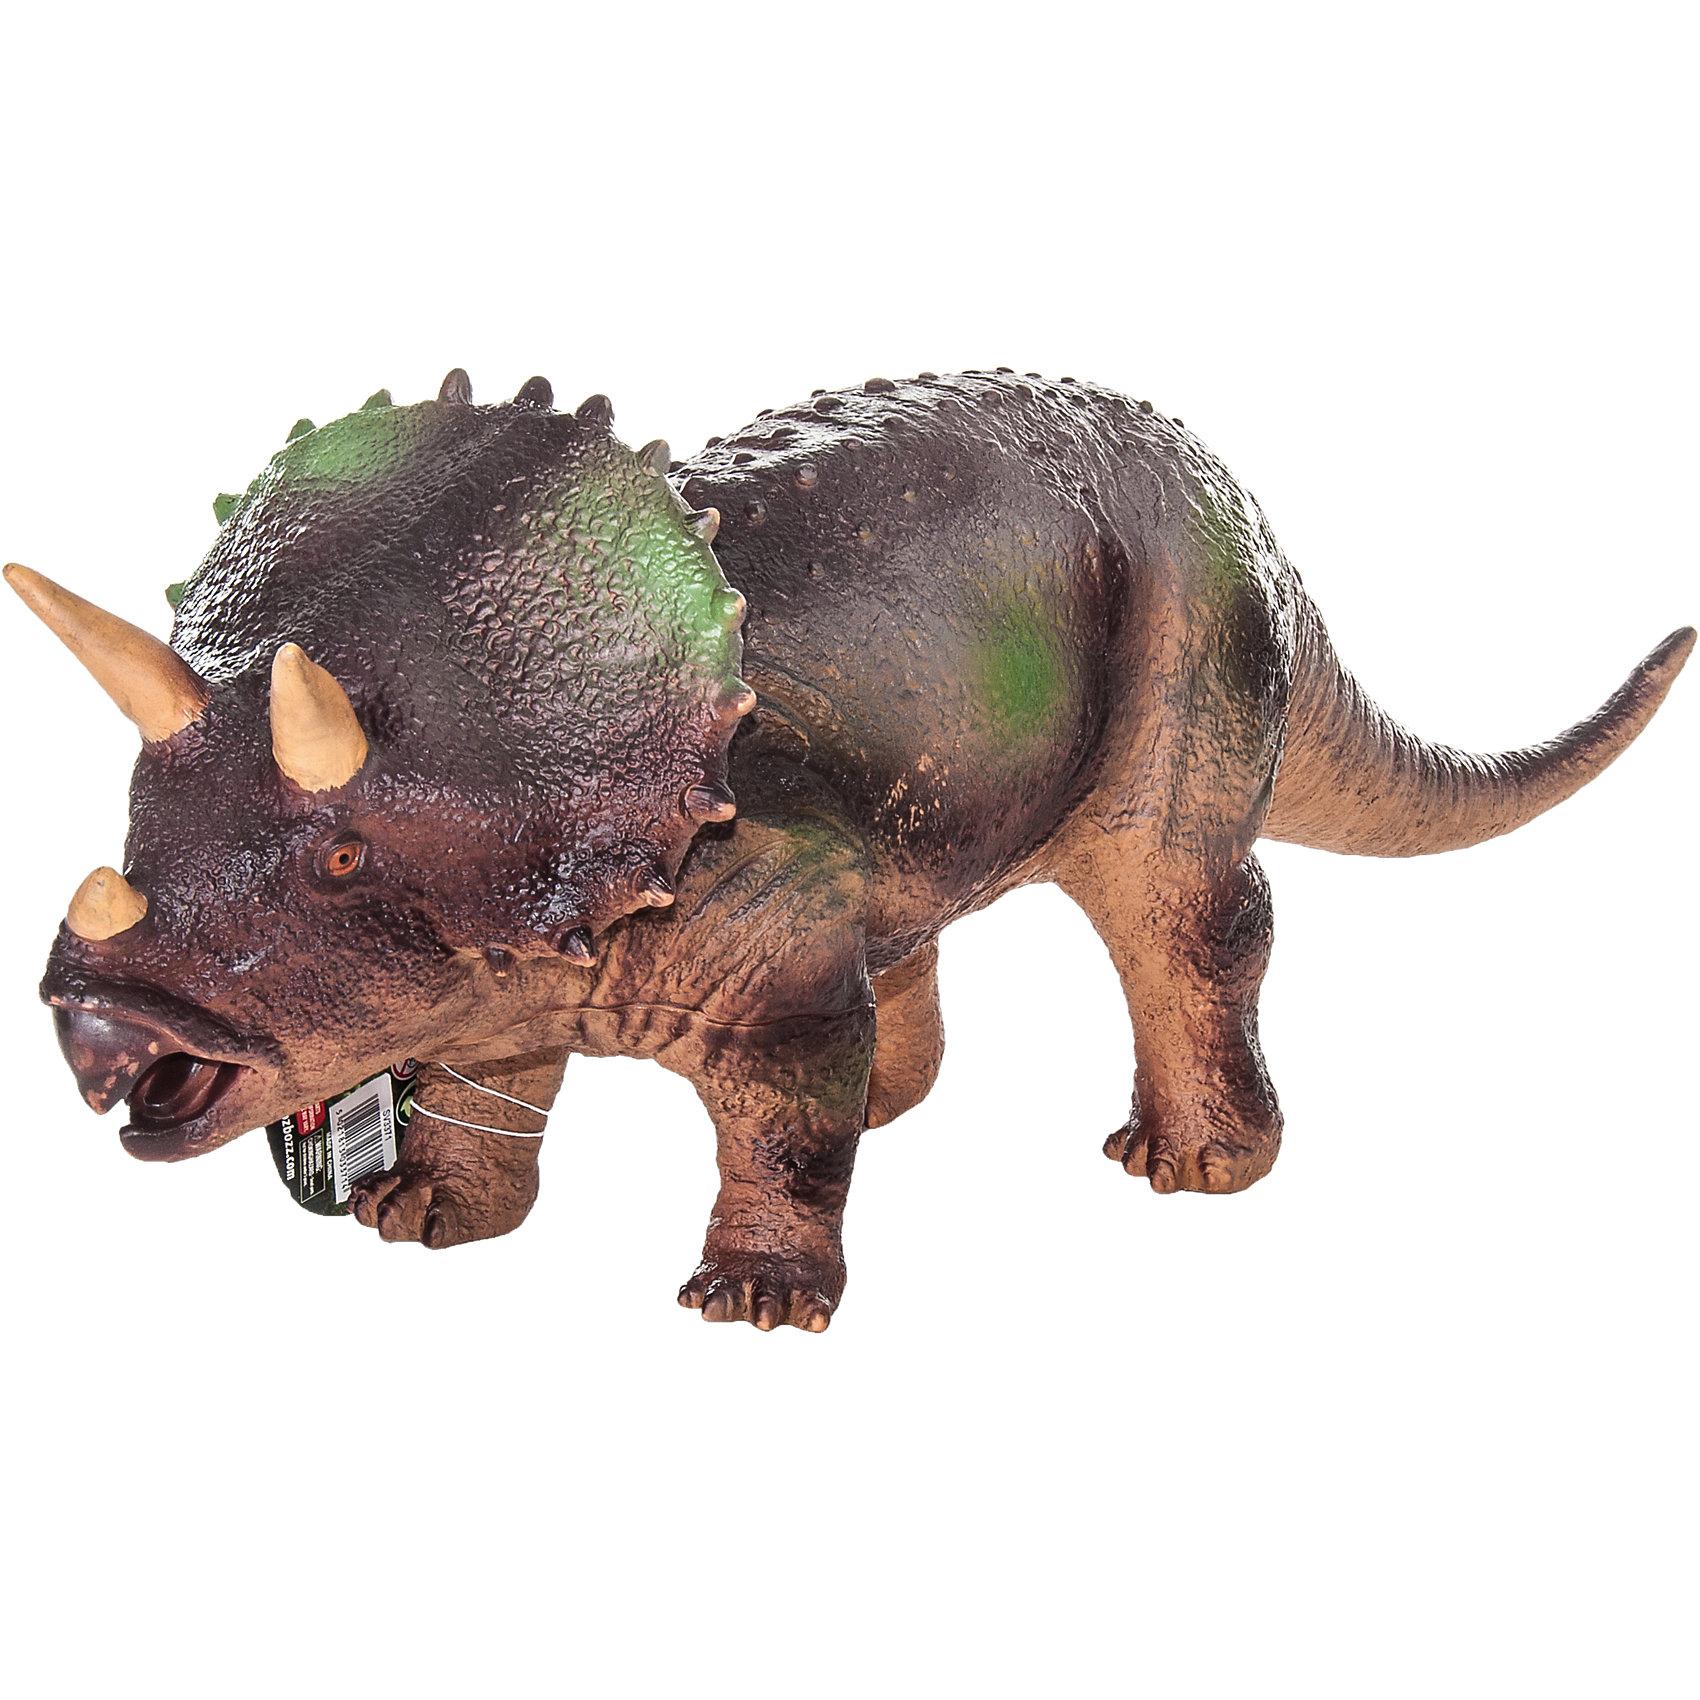 Фигурка динозавра Трицератопс, HGLДраконы и динозавры<br>Детей всех возрастов привлекают фильмы и рассказы о доисторических временах и чудесных динозаврах, населявших Землю до возникновения человека. Подстегните фантазию юного любителя древностей - подарите ему динозавра из серии игрушек HGL. Специалисты компании создавали игрушки максимально похожими на своих прародителей, поэтому динозавры HGL такие интересные. Трицератопс - фигурка травоядного доисторического ящера огромных размеров, существовавшего на Земле около 70 миллионов лет назад. Он достигал в длину 9 метров, а челюсть его оканчивалась массивным клювом, благодаря которому Трицератопс мог откусывать ветки. Трицератопс передвигался на четырех лапах и имел костный воротник вокруг шеи, который помогал ему не стать легкой добычей для хищников. Трицератопс знаменит тремя рогами над челюстью, придающими ему особое сходство с современным носорогом. При помощи рогов травоядные динозавры, сбивавшиеся в стада, отлично защищались от набегов гигантских хищников. Ребенок будет в восторге от такой замечательной фигурки. Массивный динозавр сделан из мягкого ПВХ безопасного для детей. Внушительные размеры и отличная детализация Трицератопс помогут ребенку окунуться в далекий и такой манящий доисторический мир, полный приключений.<br><br>Дополнительная информация:<br><br>- Внешний вид фигурки основан на реальных данных палеонтологов;<br>- Материал: ПВХ;<br>- Размер фигурки: 40 см;<br>- Размер упаковки: 49 х 18 х 12 см;<br>- Вес: 750 г<br><br>Фигурку динозавра Трицератопс, HGL можно купить в нашем интернет-магазине.<br><br>Ширина мм: 490<br>Глубина мм: 180<br>Высота мм: 120<br>Вес г: 750<br>Возраст от месяцев: 36<br>Возраст до месяцев: 192<br>Пол: Унисекс<br>Возраст: Детский<br>SKU: 4135950